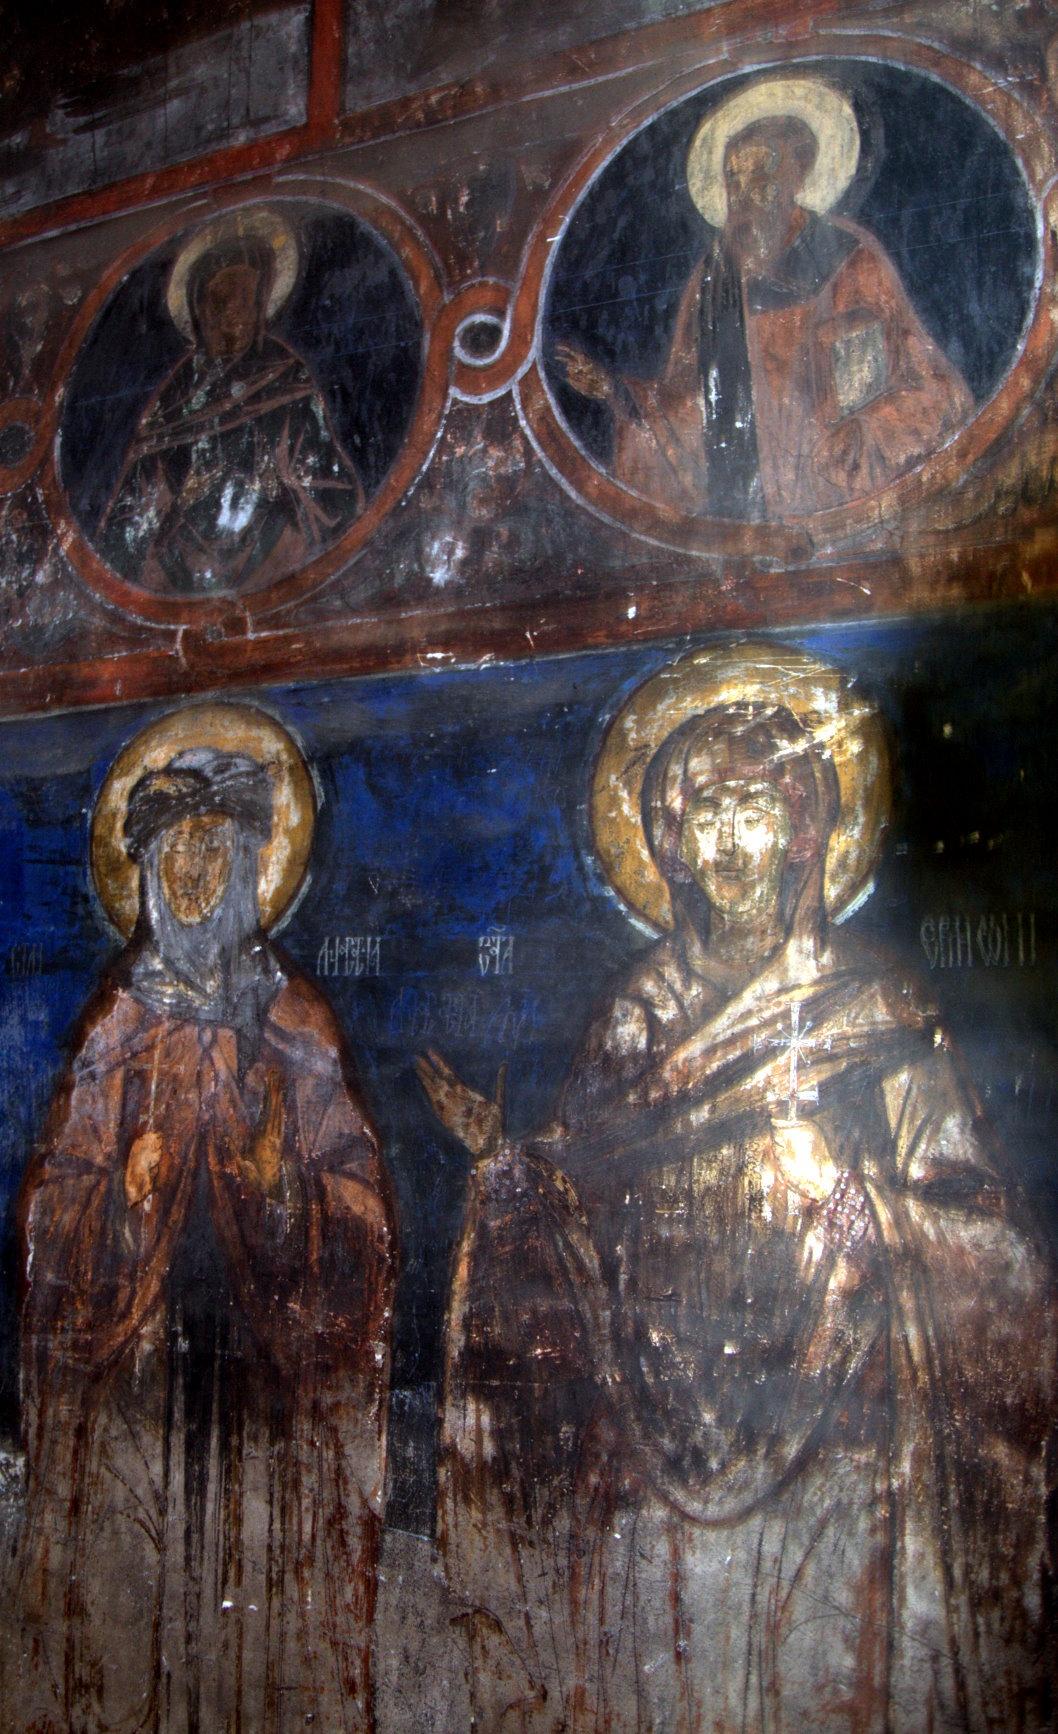 biserica_bogdana_interior_5